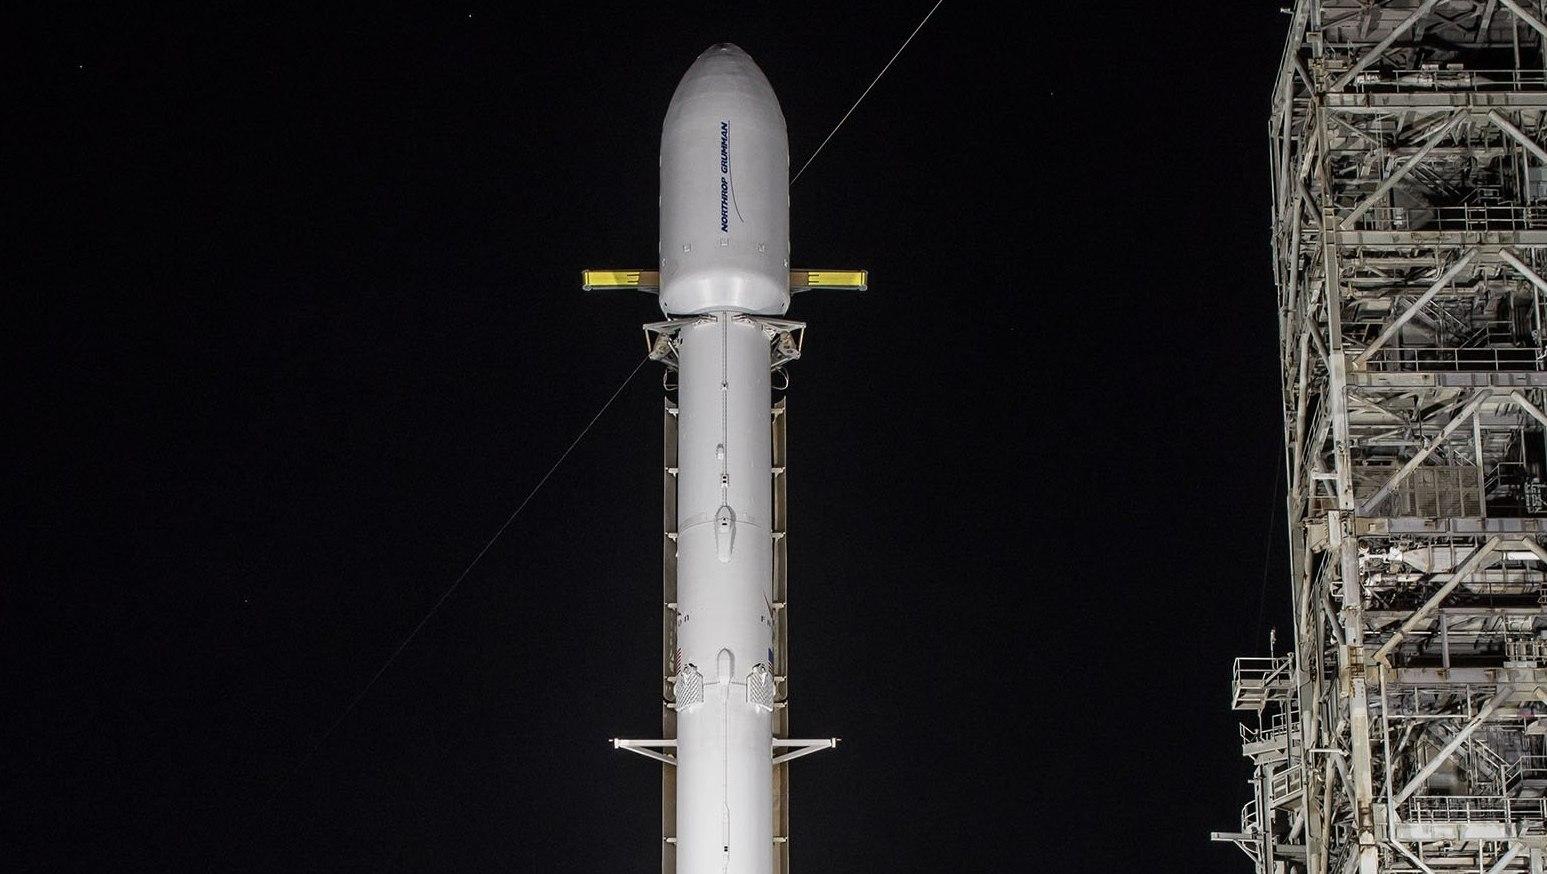 SpaceX перенесла запуск ракеты с мини-спутниками для глобального интернета